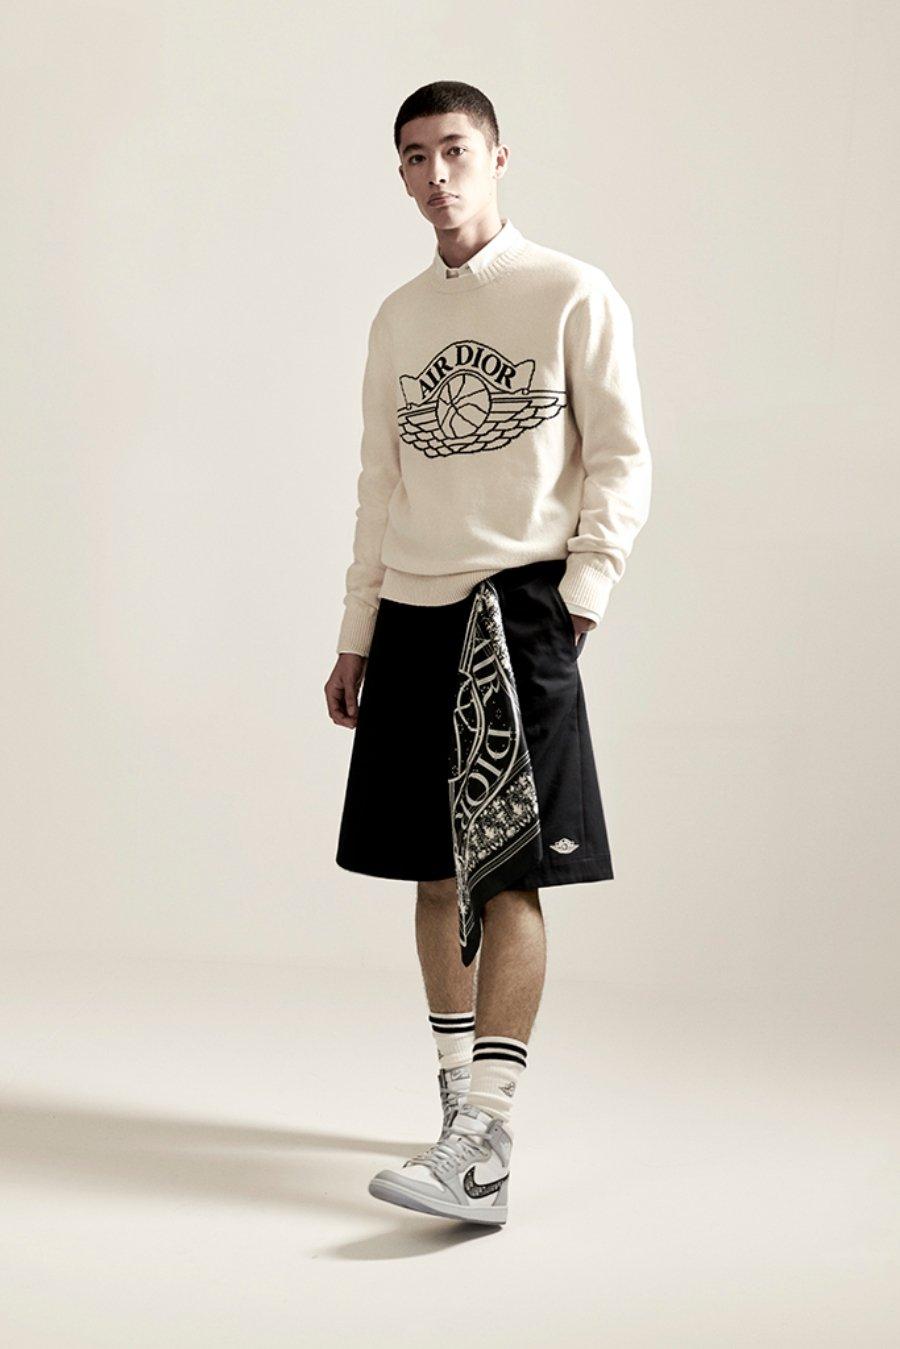 Nuevo sueter y short colaborativo entre Jordan y Dior